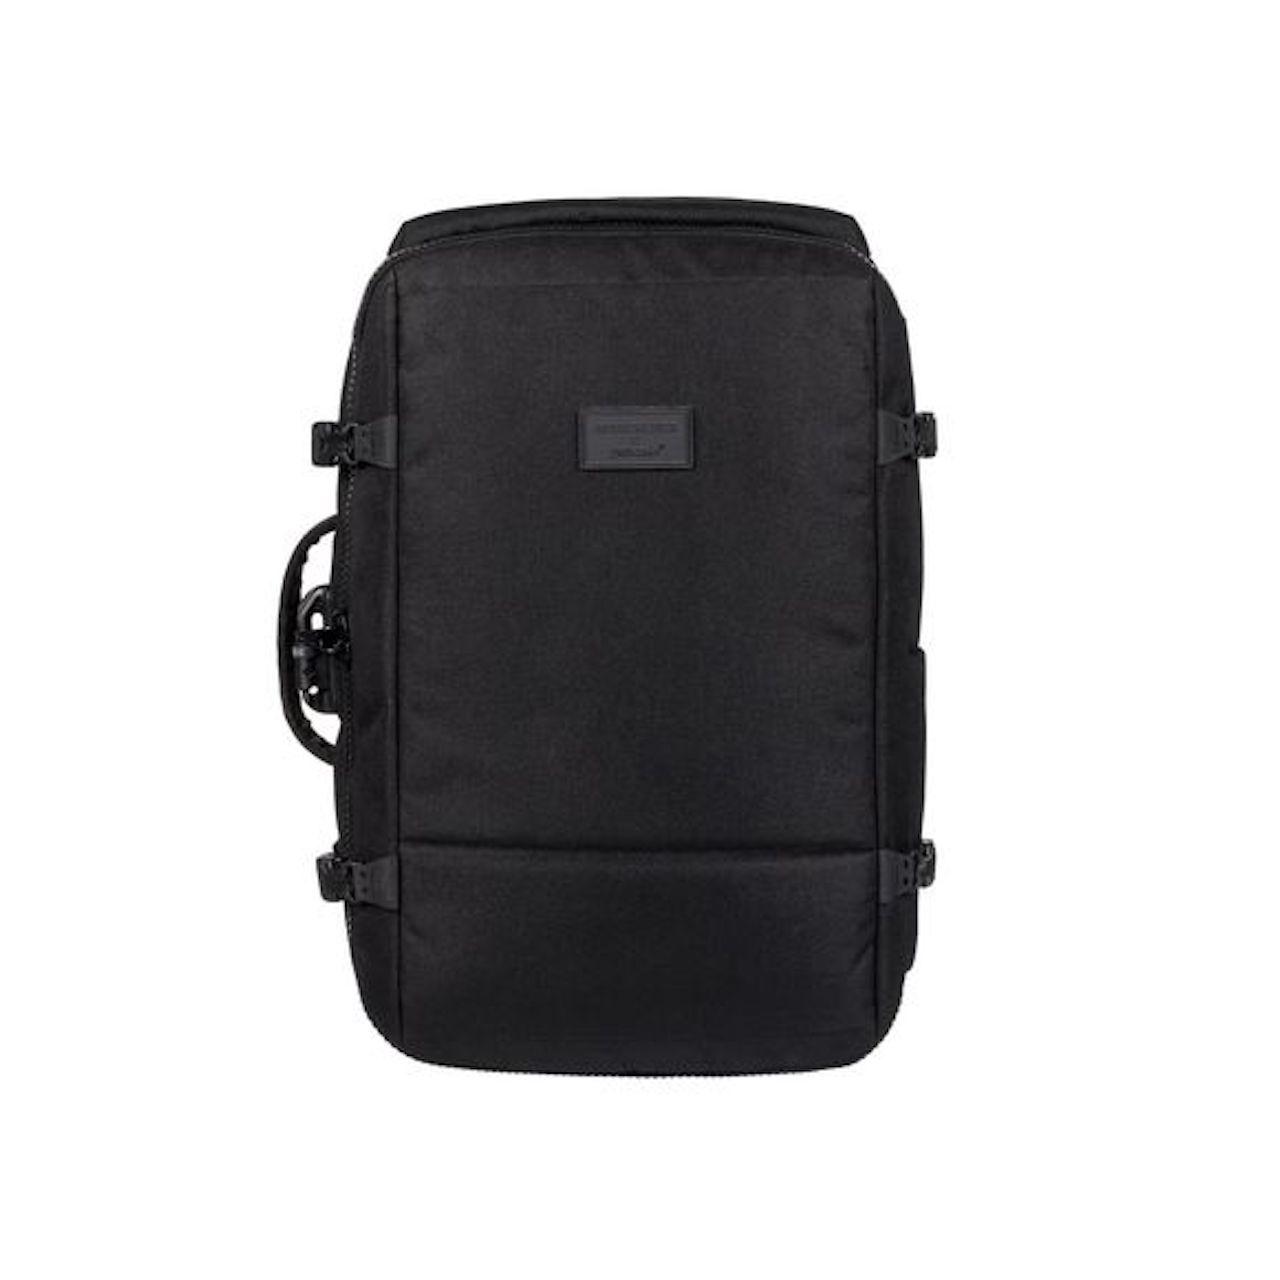 Рюкзак Pacsafe Quiksilver X40L, цвет: черный, 40 л, черный цена